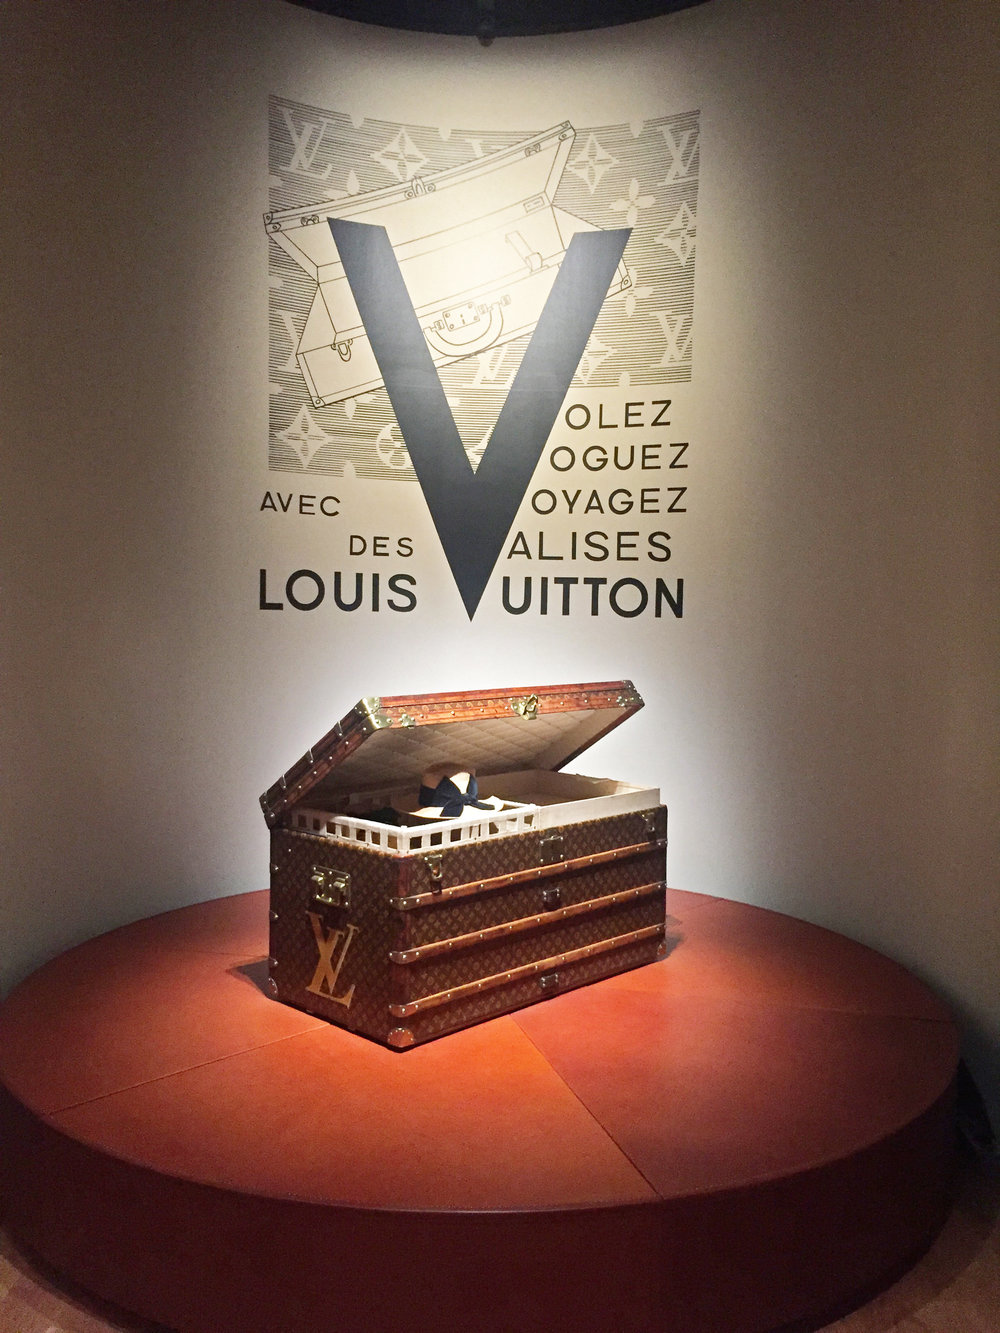 Louis Vuitton Volez Voguez Voyagez